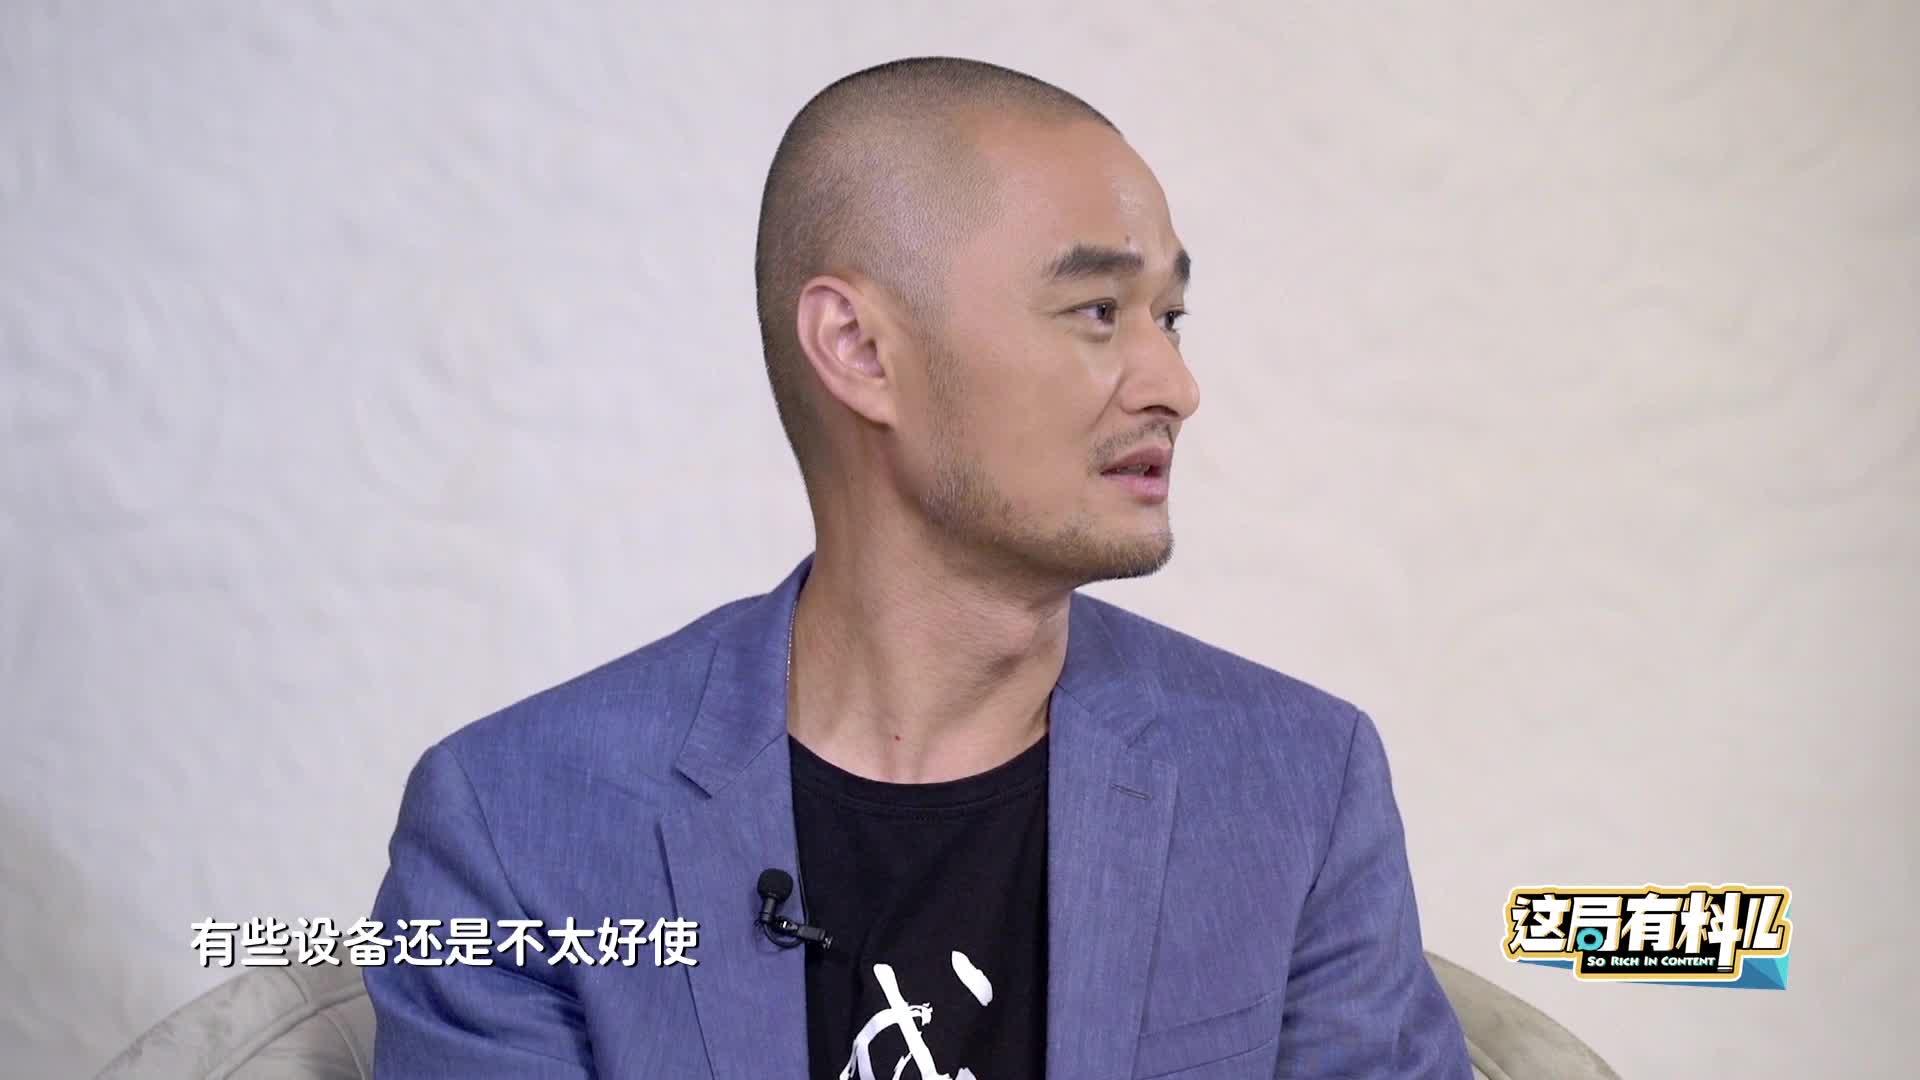 冯唐:玩古董 很大一部分快感来自于摸